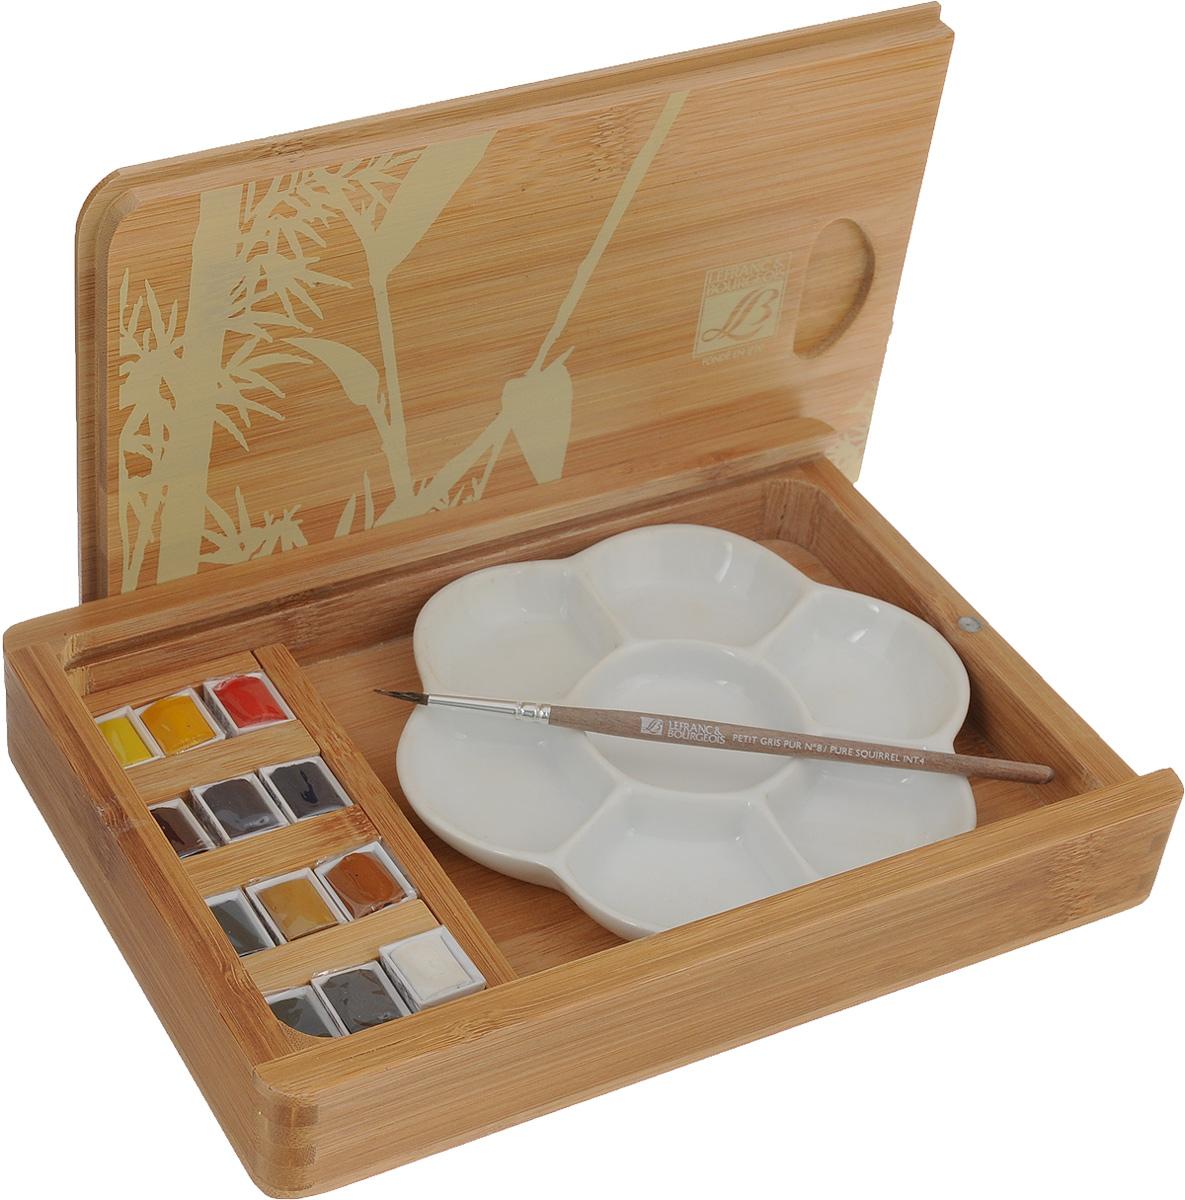 Набор акварельных красок Lefranc & Bourgeois Fine, в бамбуковом кейсе, 15 предметовLF601662Набор акварельных красок Lefranc & Bourgeois Fine состоит из 12 кюветов разных цветов в бамбуковом кейсе, кисточки и керамической палитры. Данная форма акварели эффективна в работе над небольшими картинами, а также на пленэре при выполнении набросков.